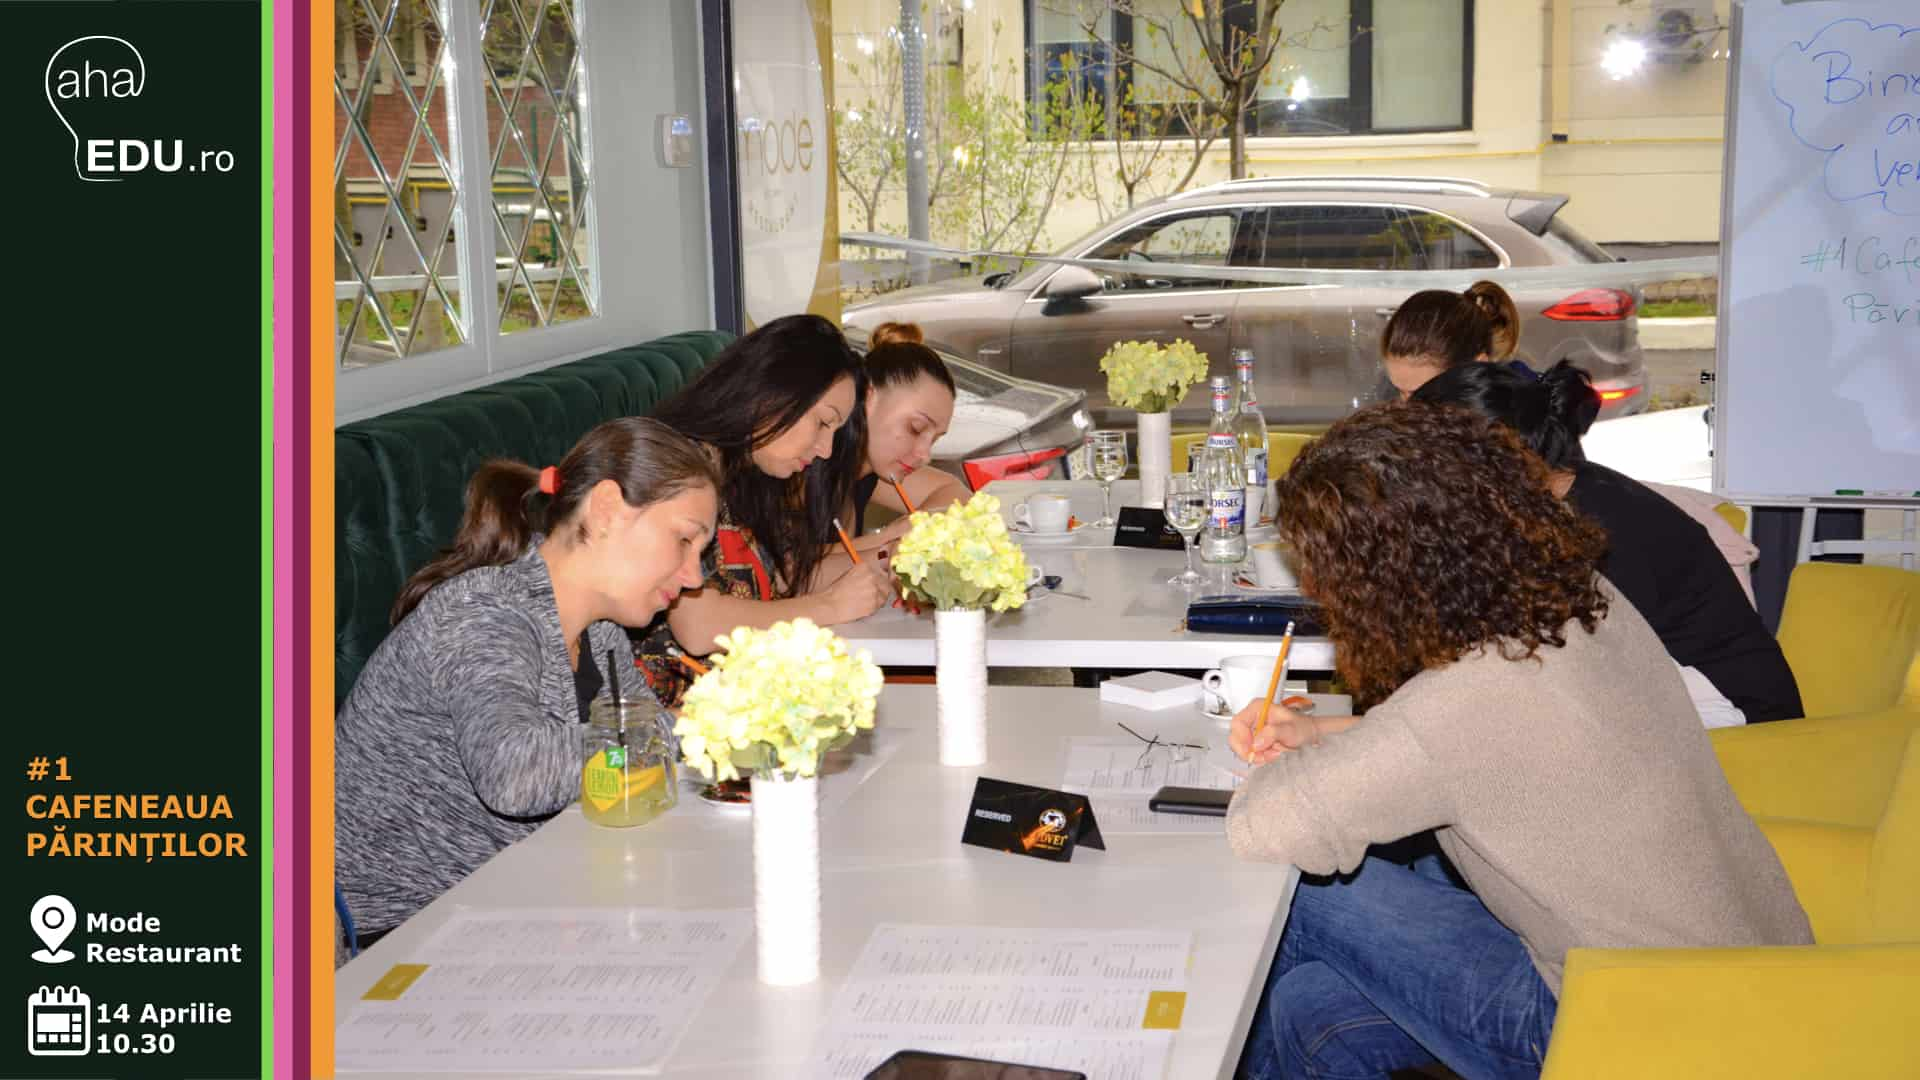 cafeneaua parintilor aha eveniment aha edu masa de discutii